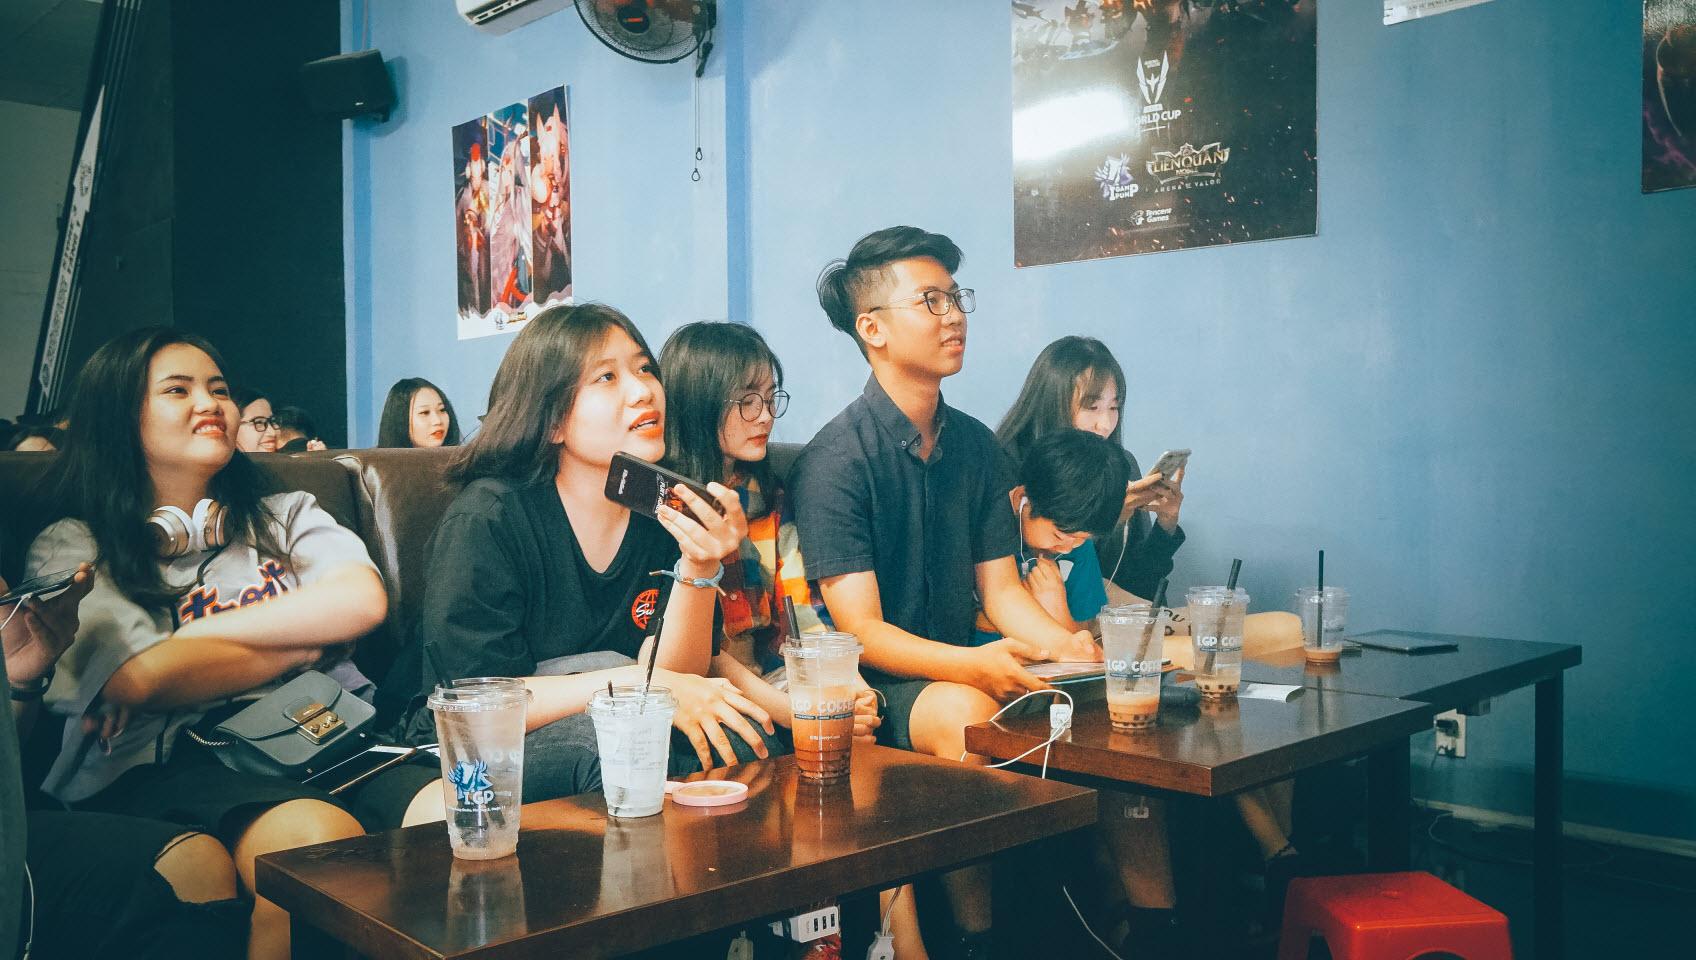 Cộng đồng Rules of Survival tổ chức offline mừng sinh nhật tại Hồ Chí Minh 14